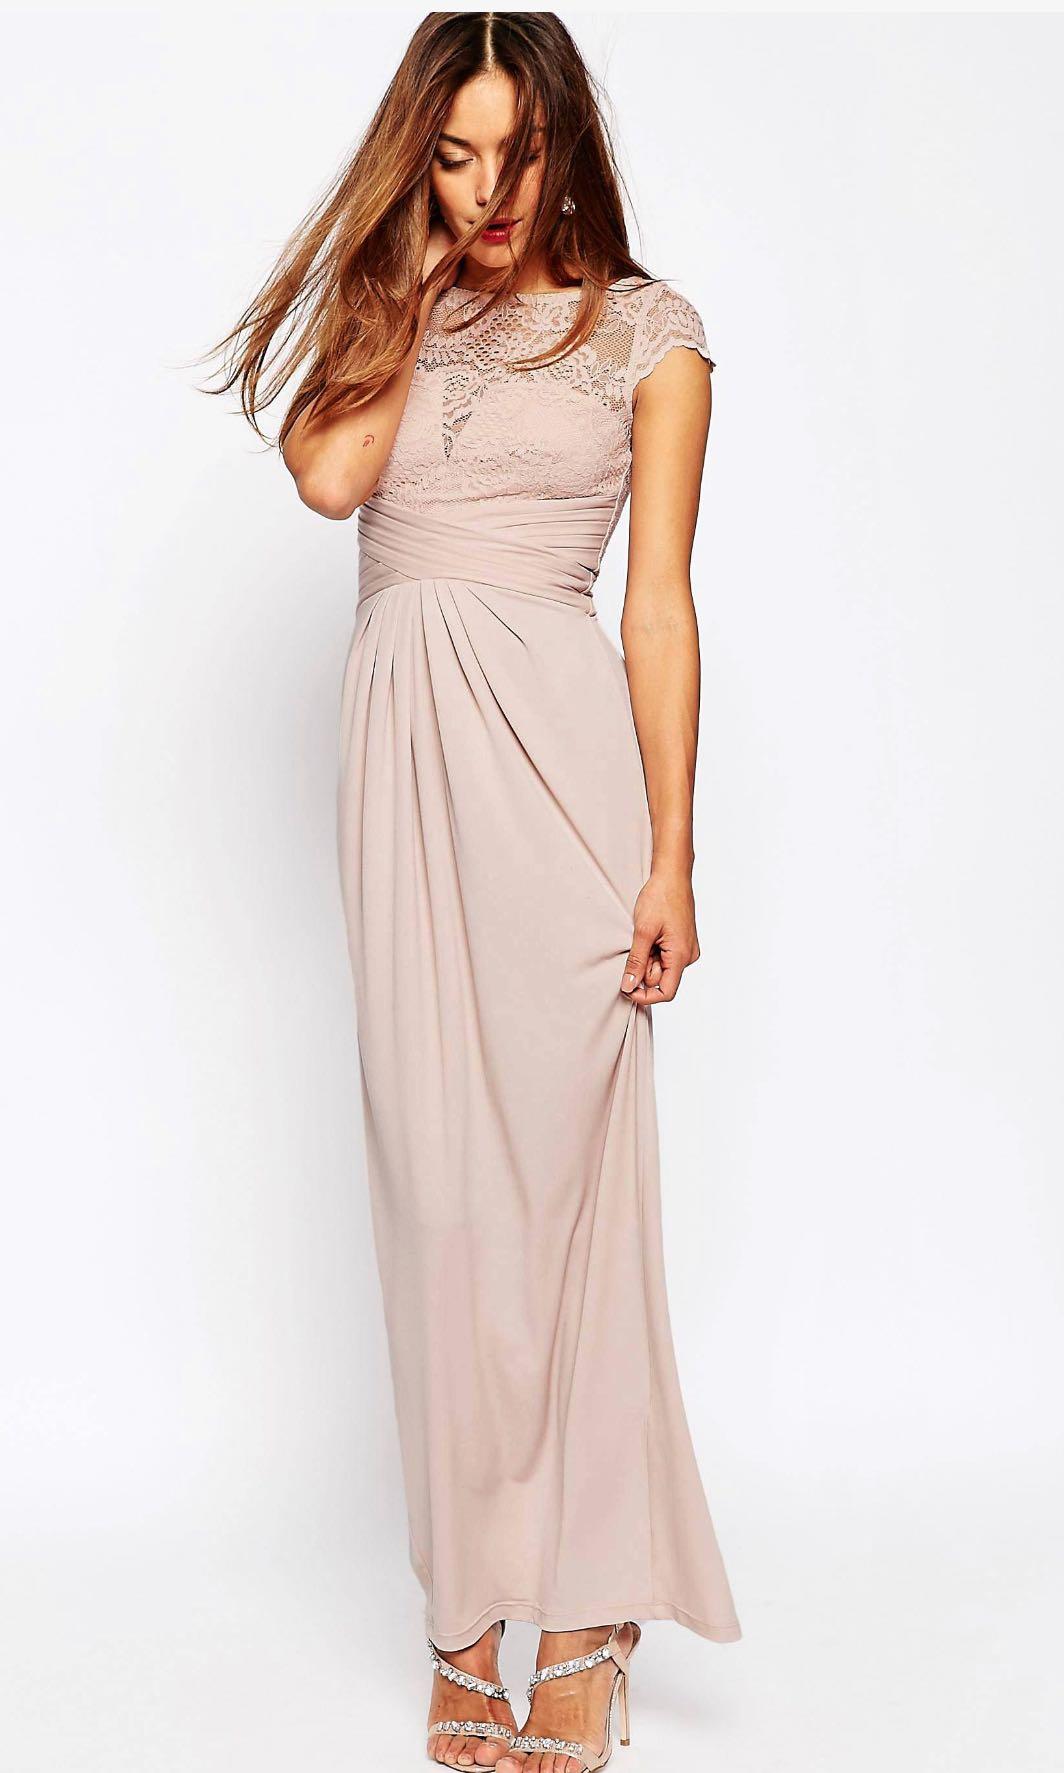 a9726f2d Lace Top Maxi Wedding Dress - raveitsafe